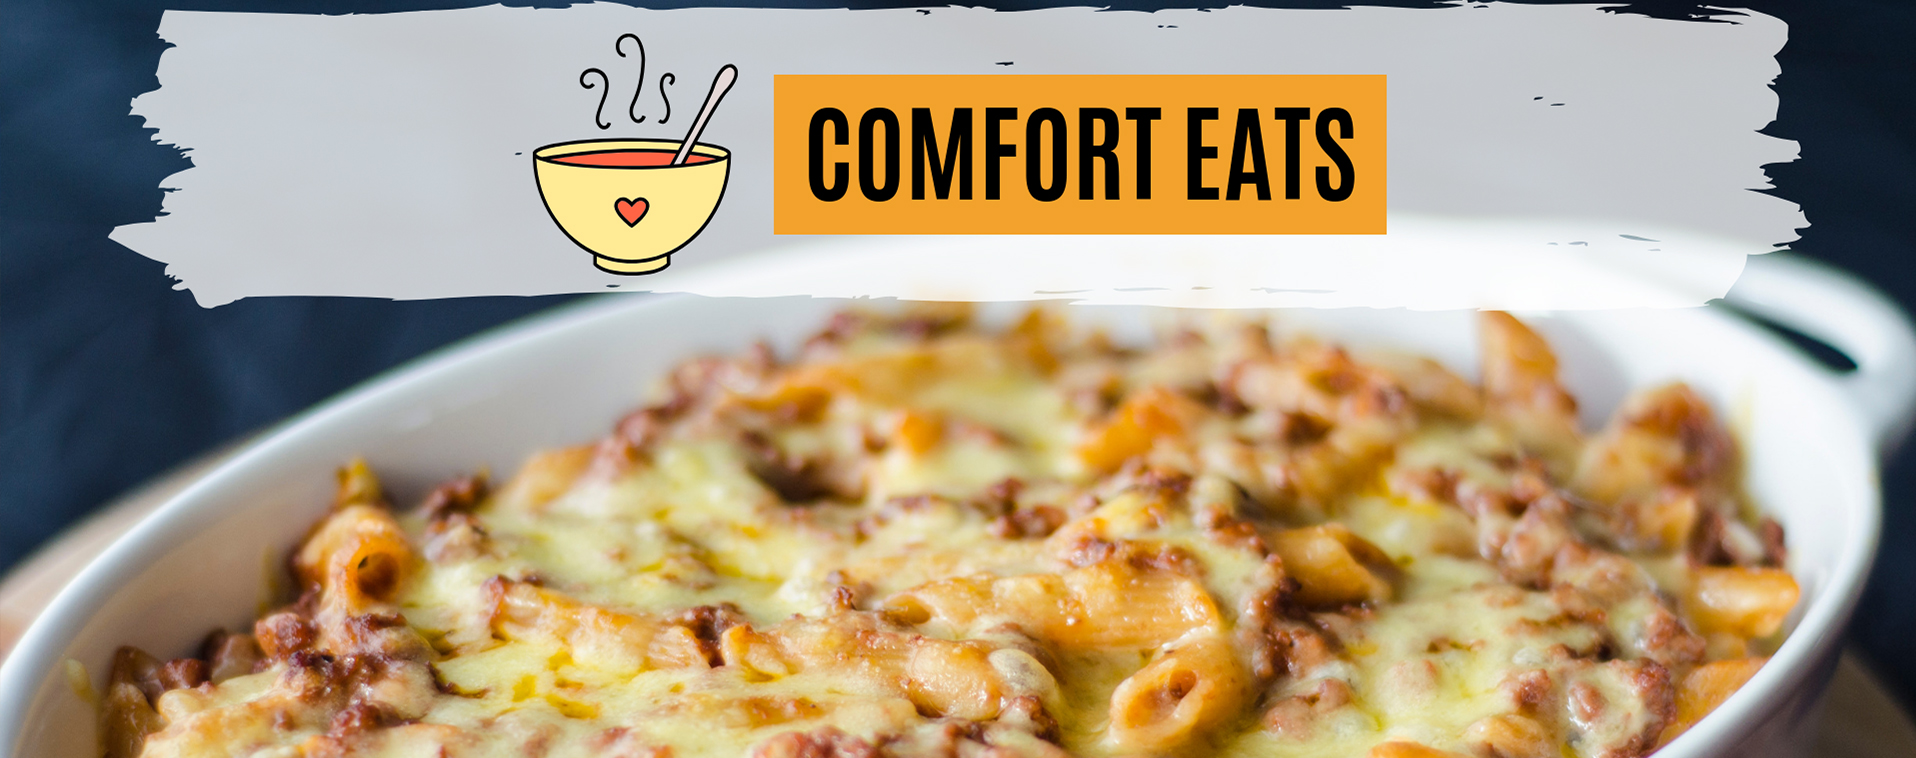 comfort eats hero 1